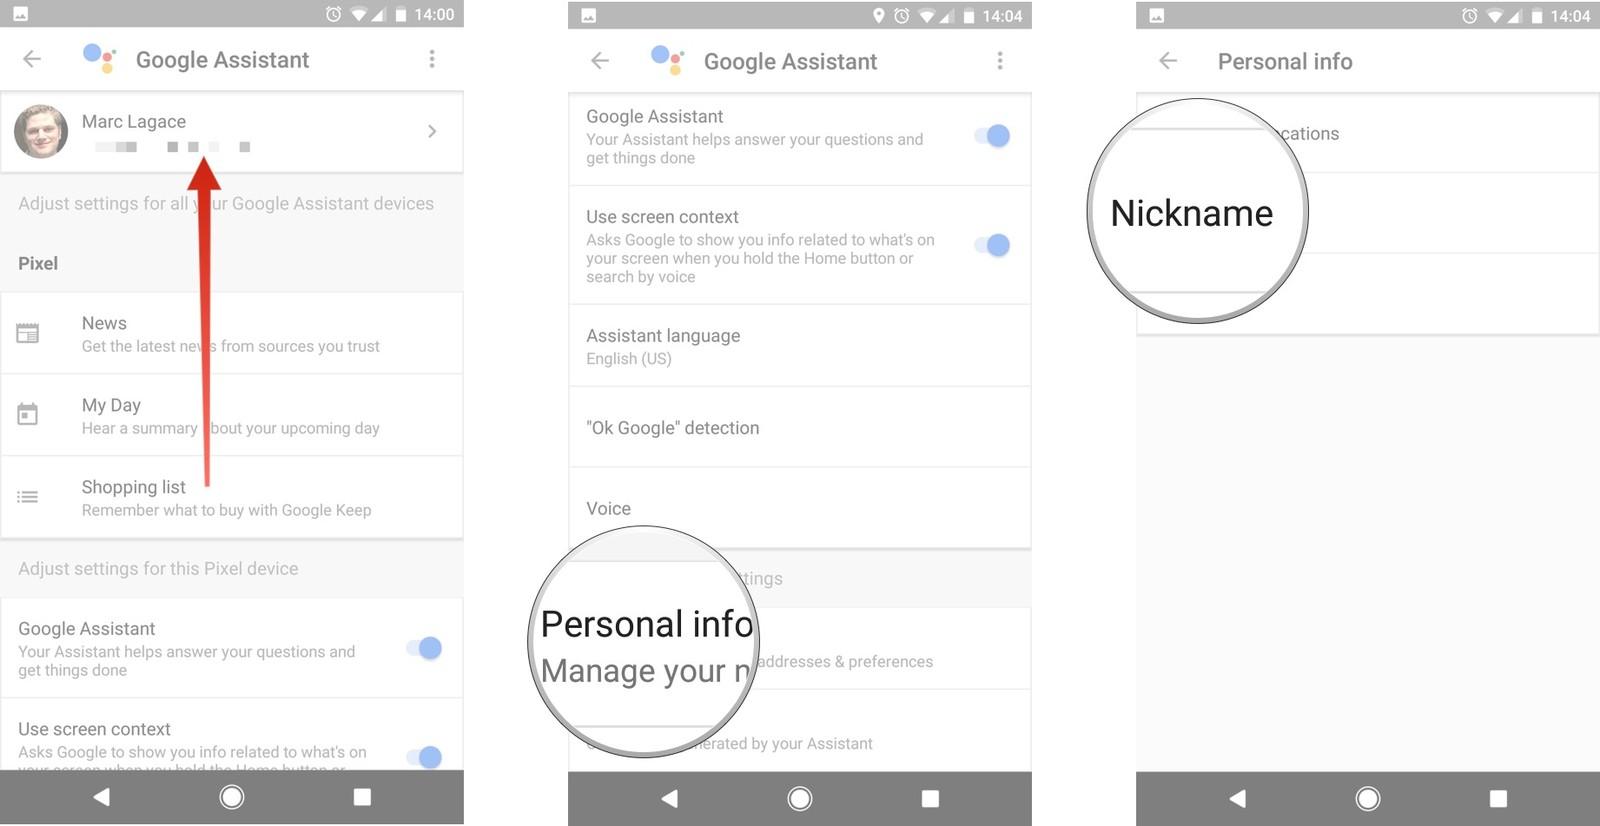 kak-pravilno-nastroit-google-assistant-kak-izmenit-imya-2